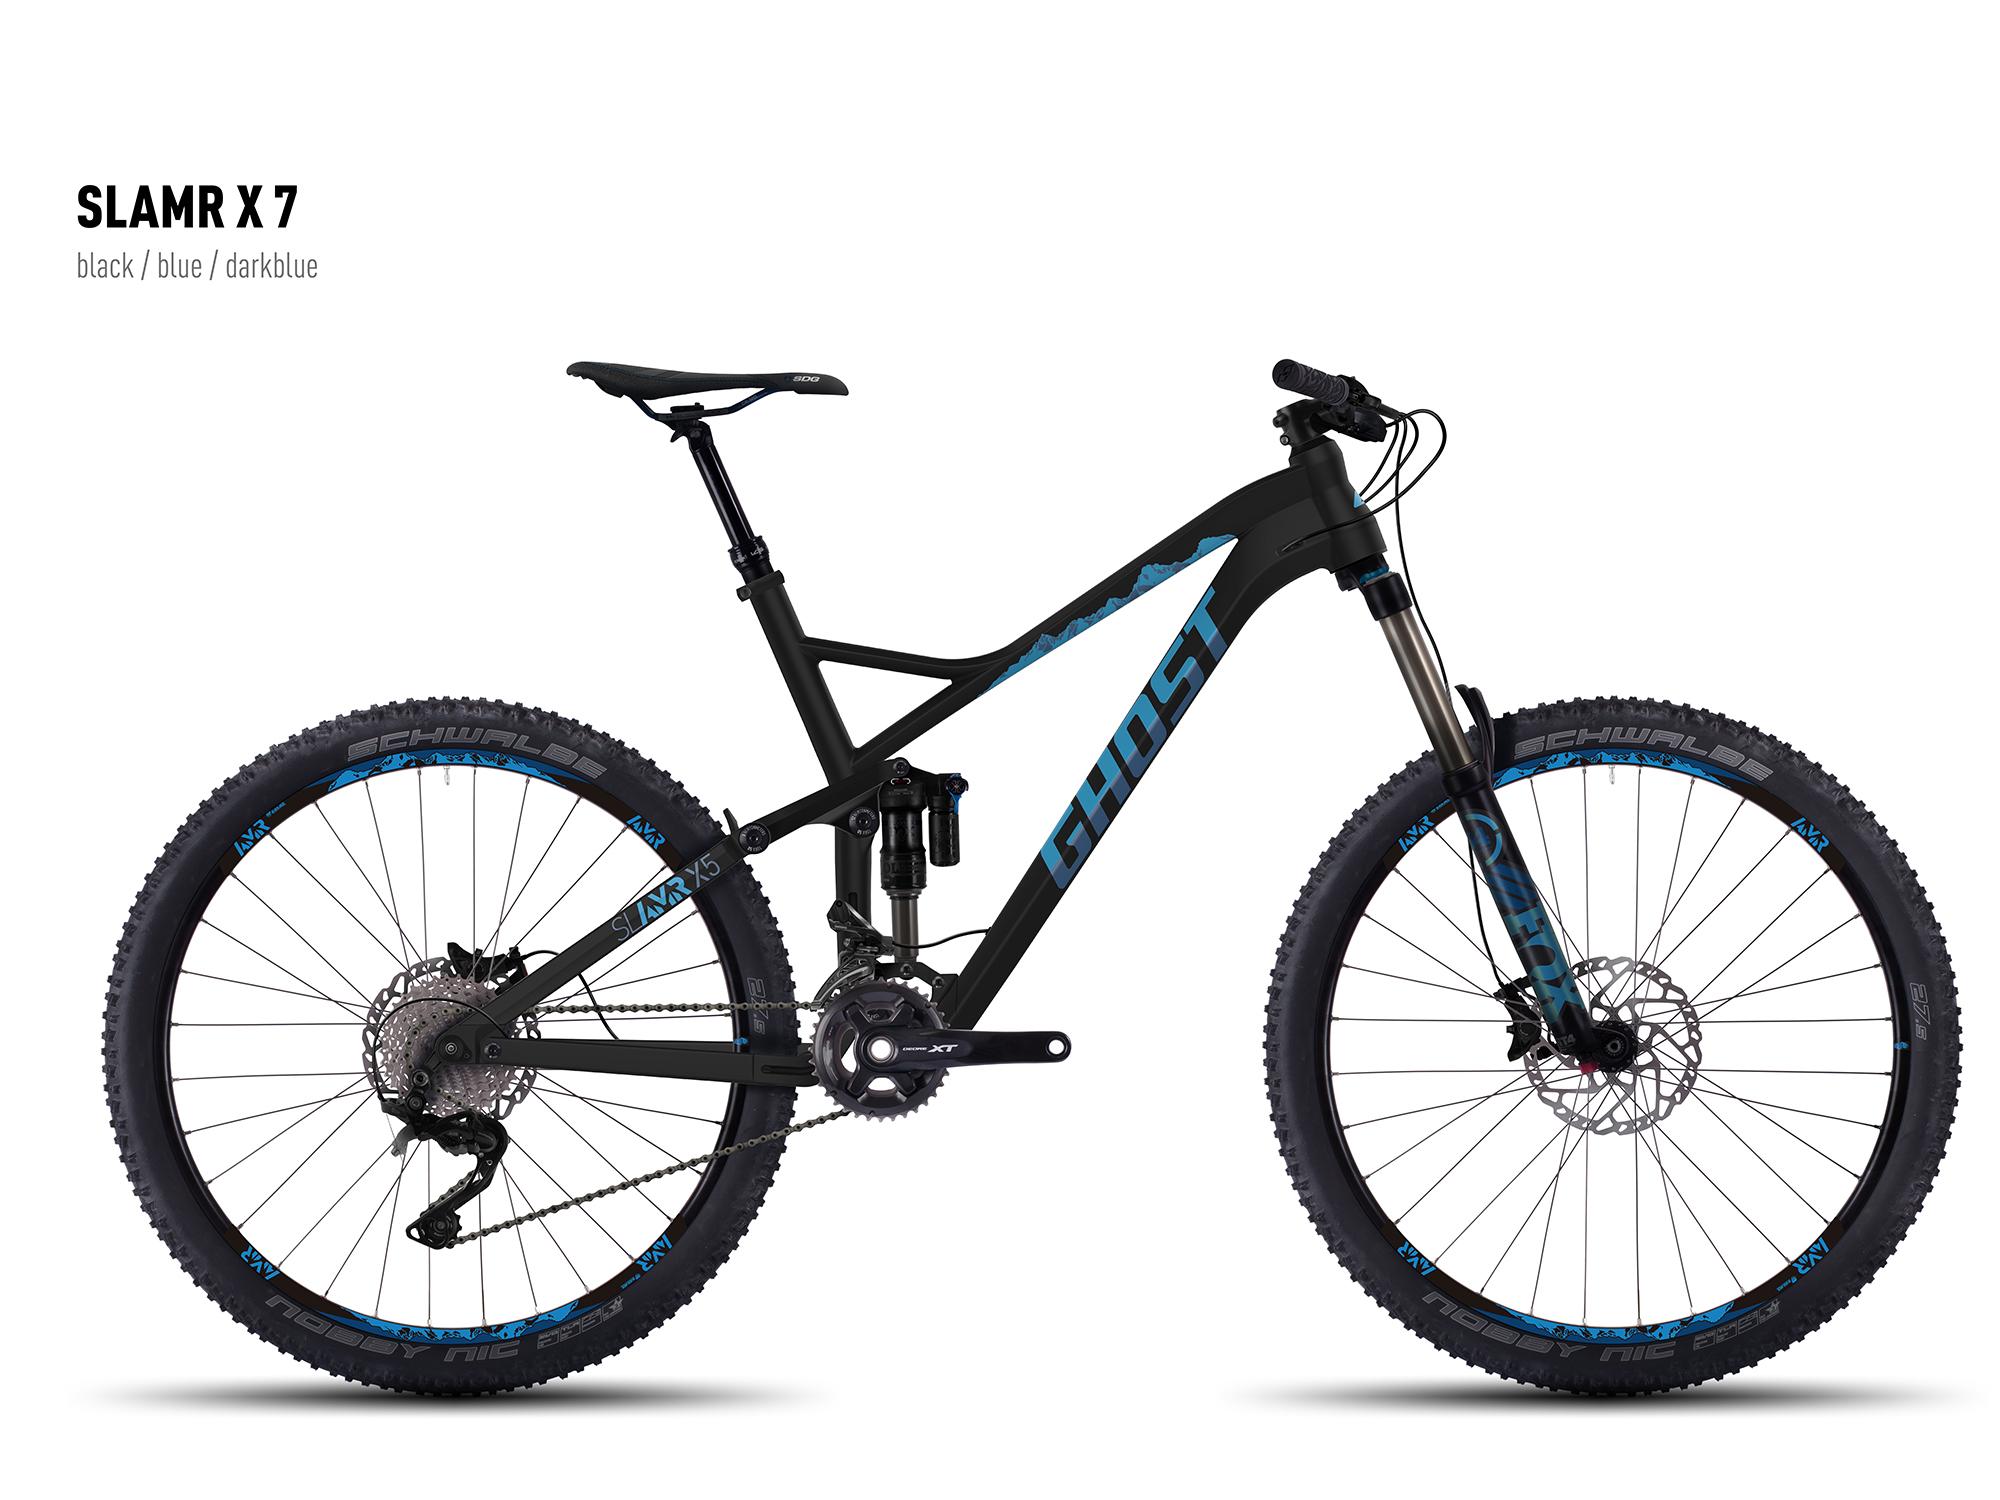 """GHOST SL AMR X 7 black/blue/darkblue M / 48cm / 19"""" , 2016"""